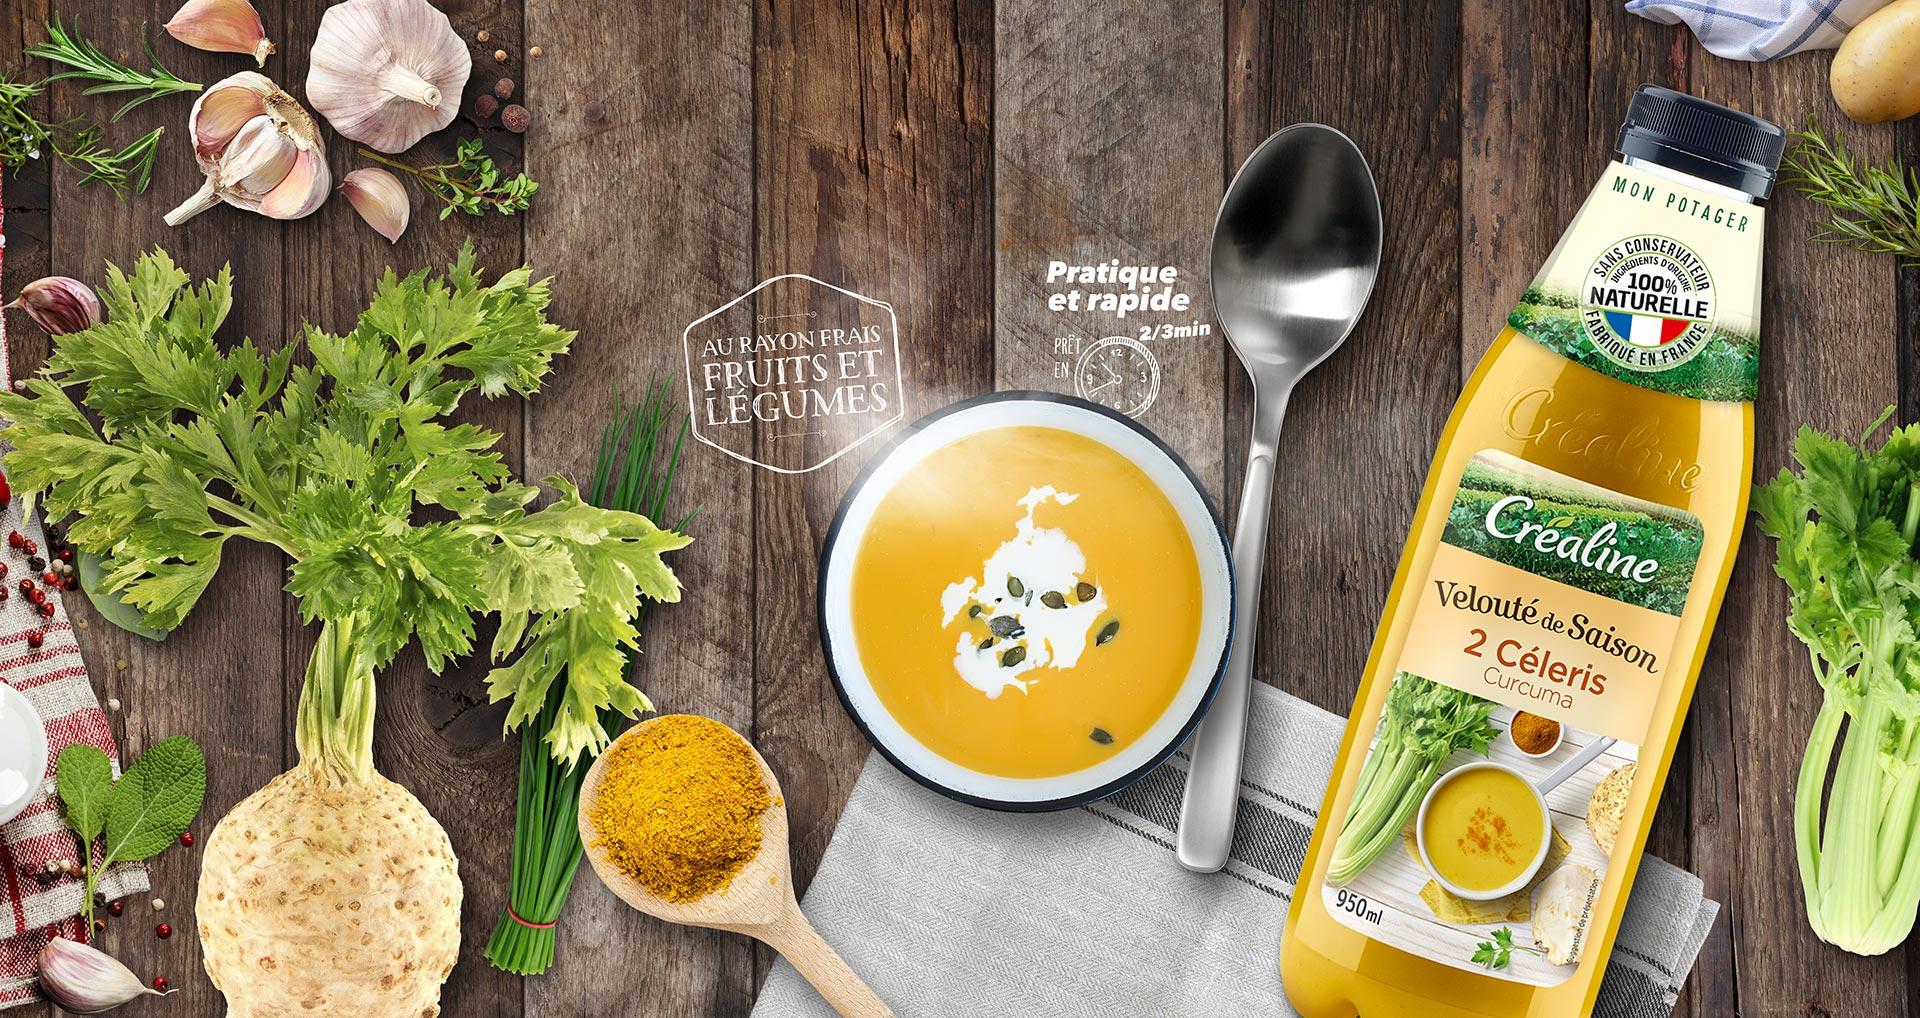 Velouté de saison 2 céleris : une soupe de saison au rayon frais par Créaline